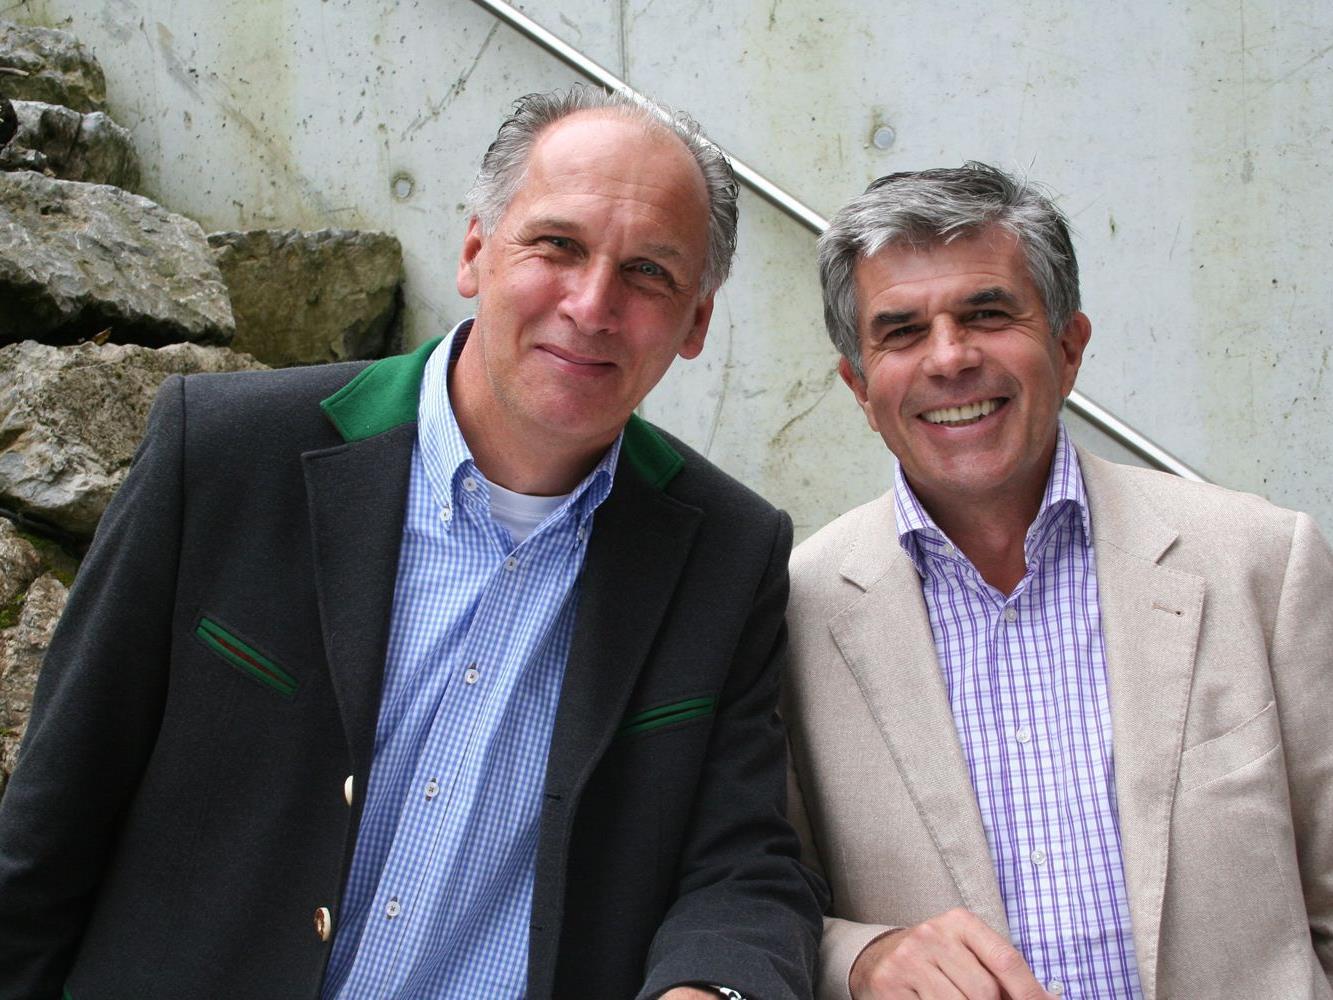 Edi Meyer (Hotel Valavier) mit Mentalcoach Günter Spiesberger.